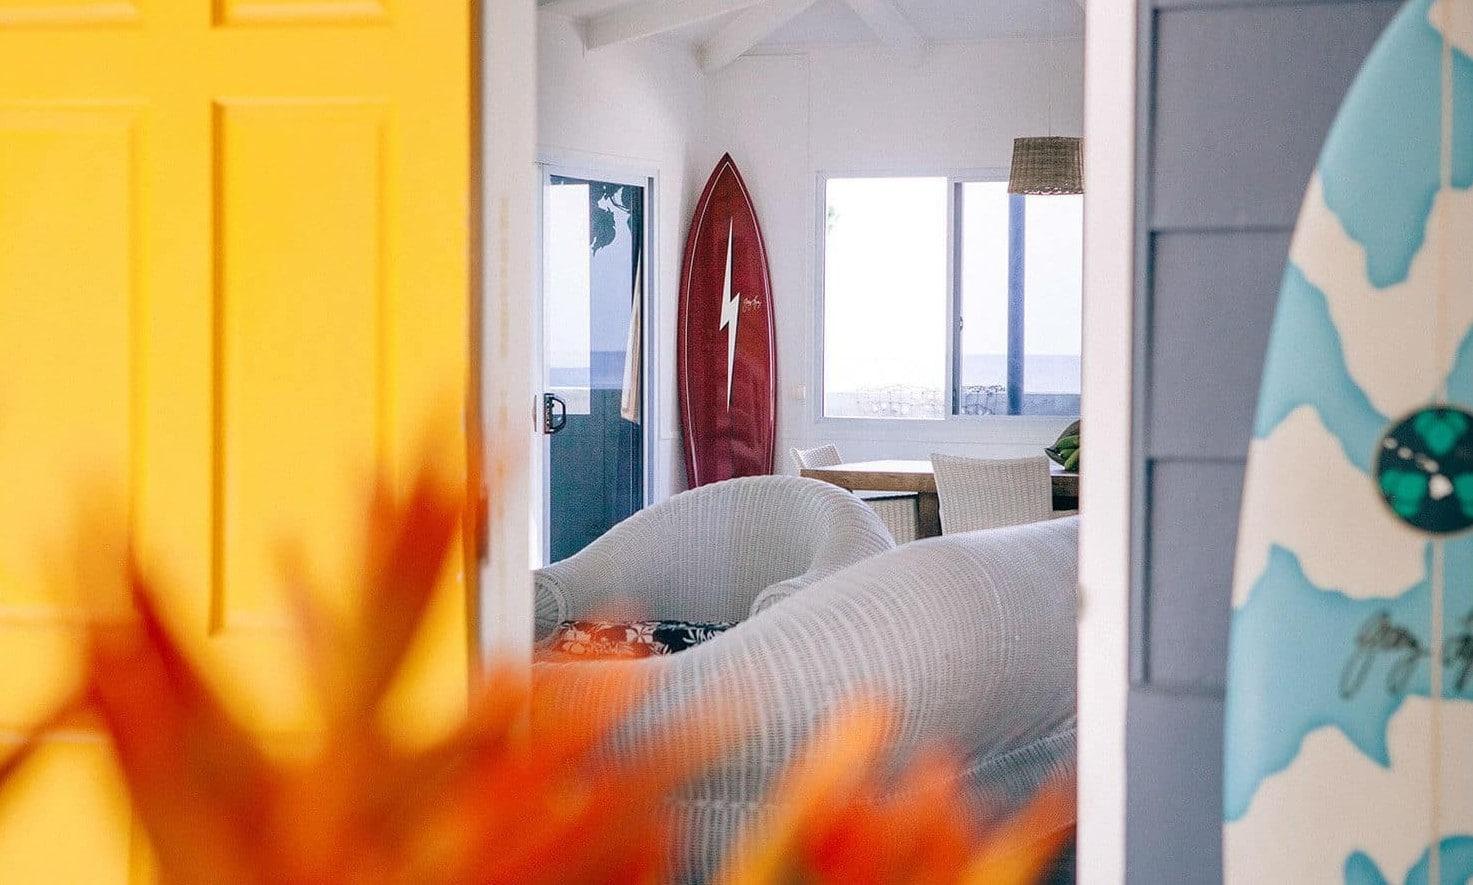 6X surf shacks de jaloersmakende woningen van surfers - Raimana van Bastolaer